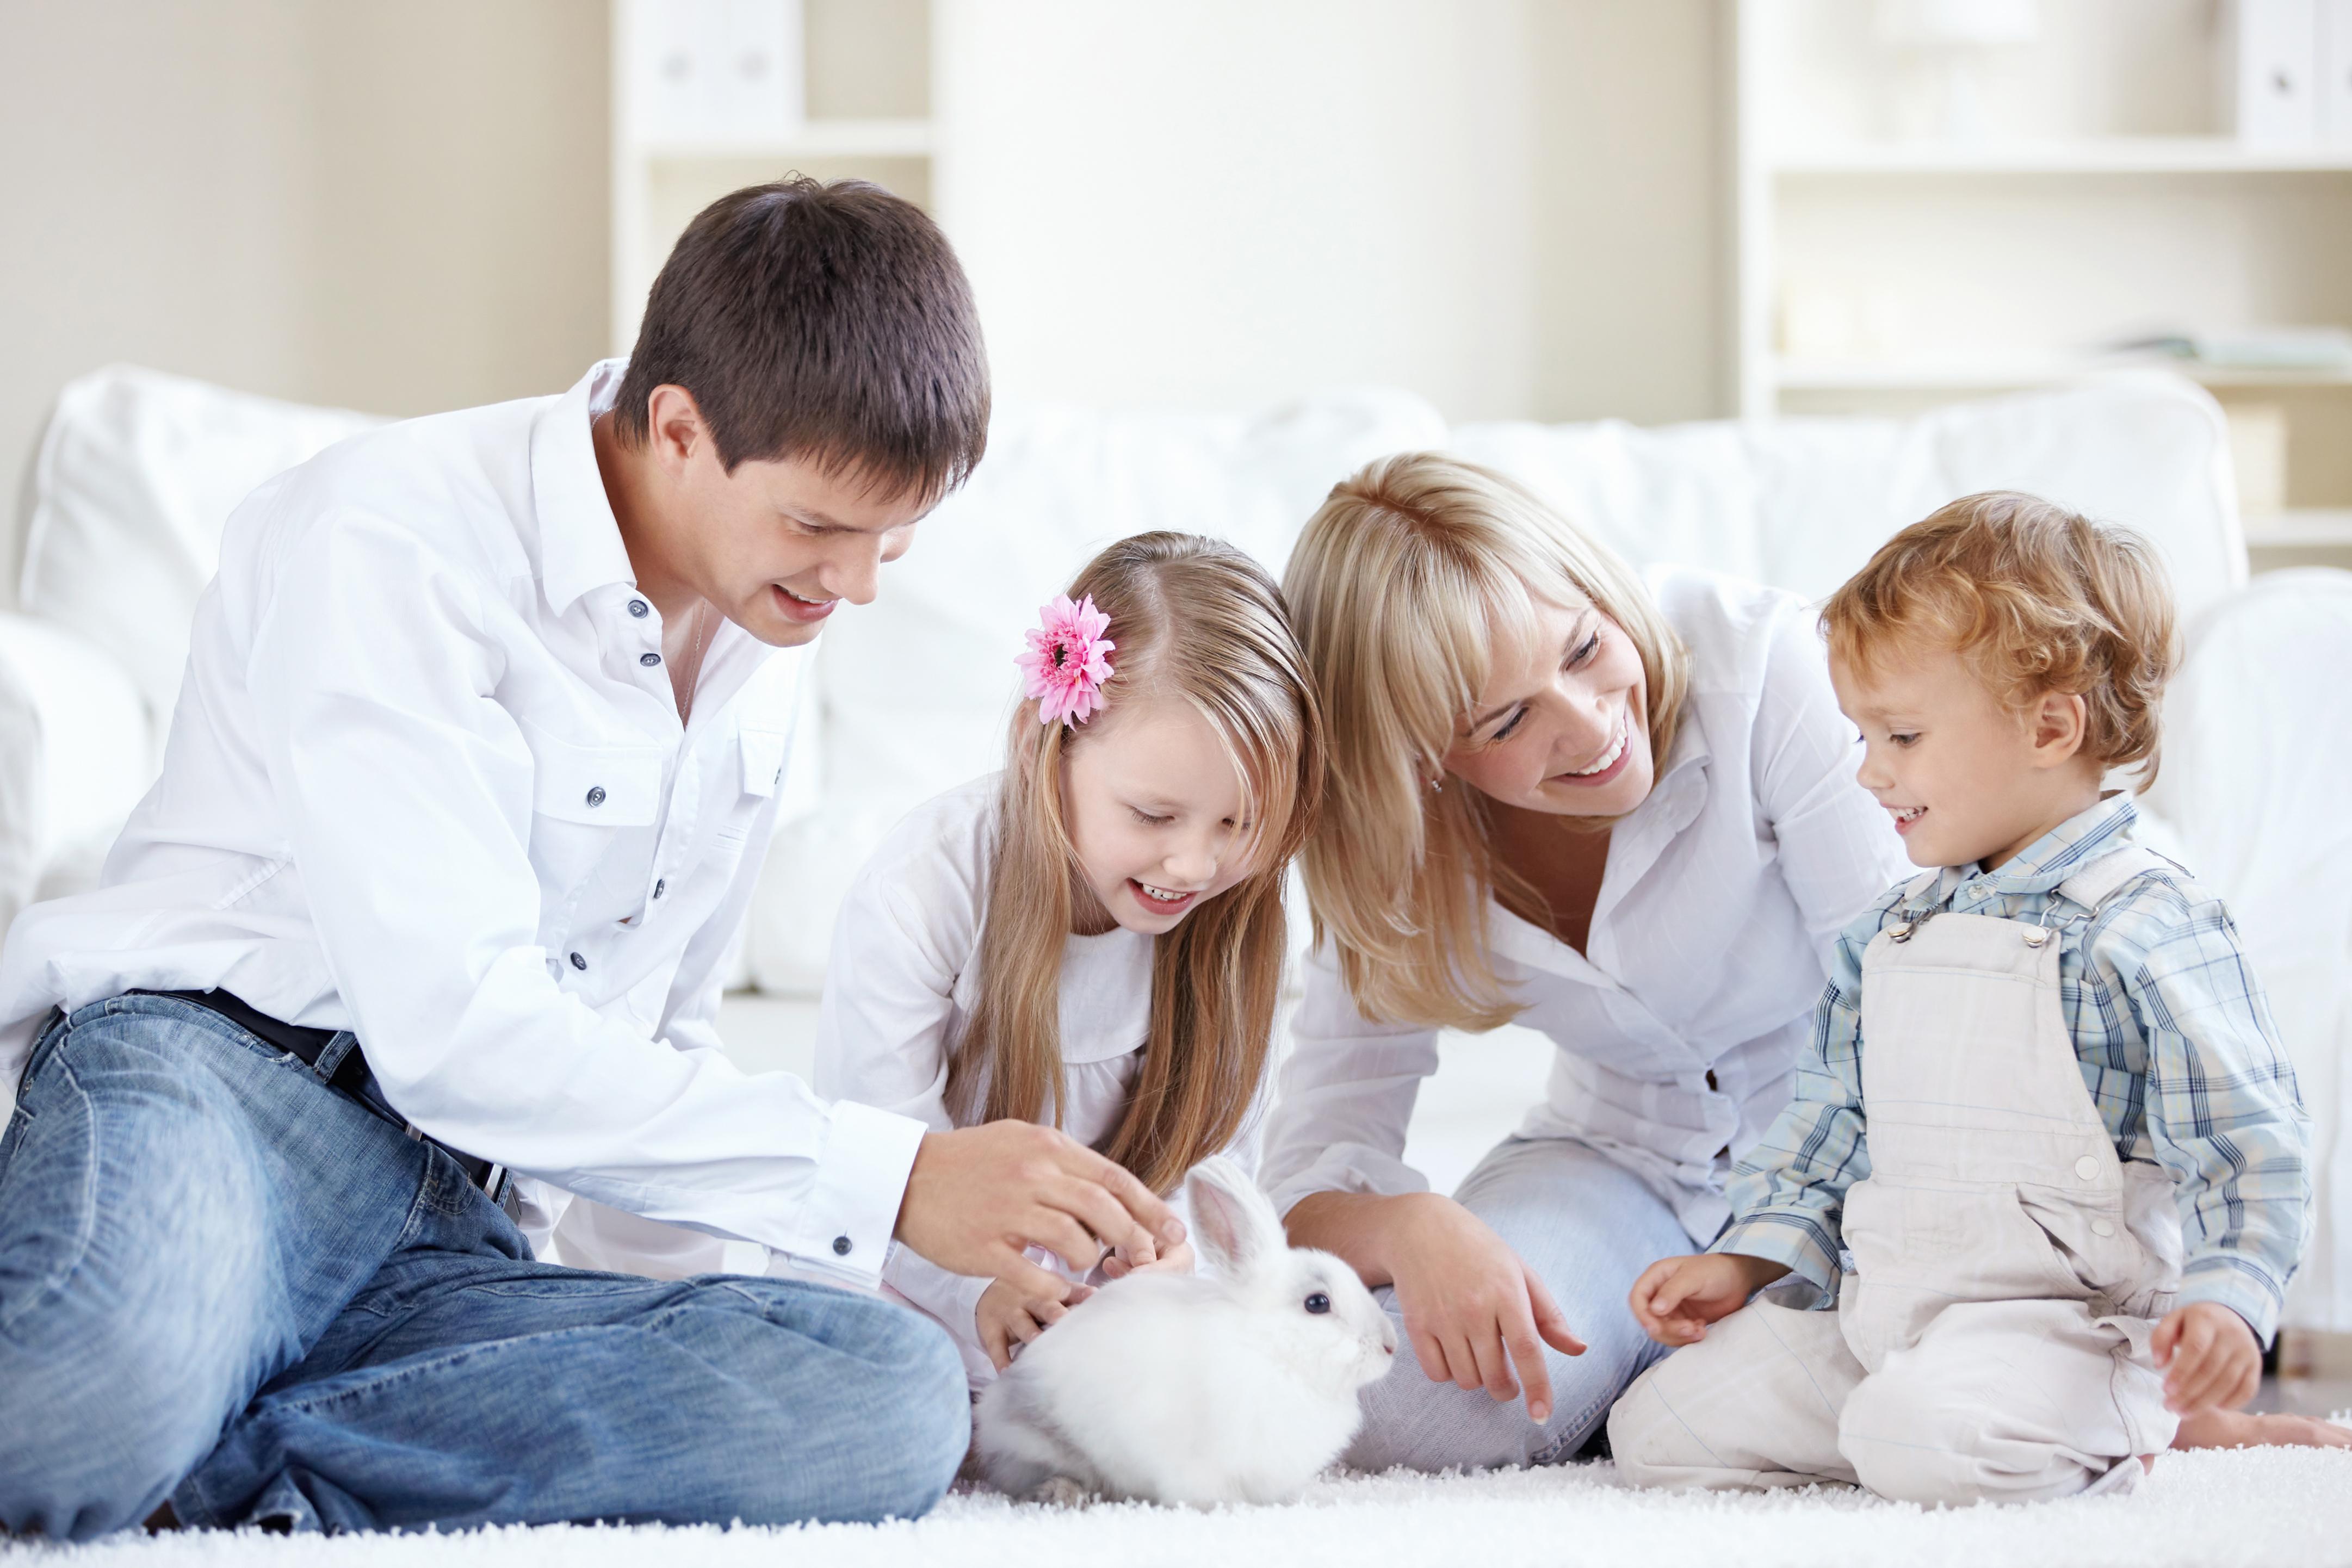 Нужна ли прописка ребенку?